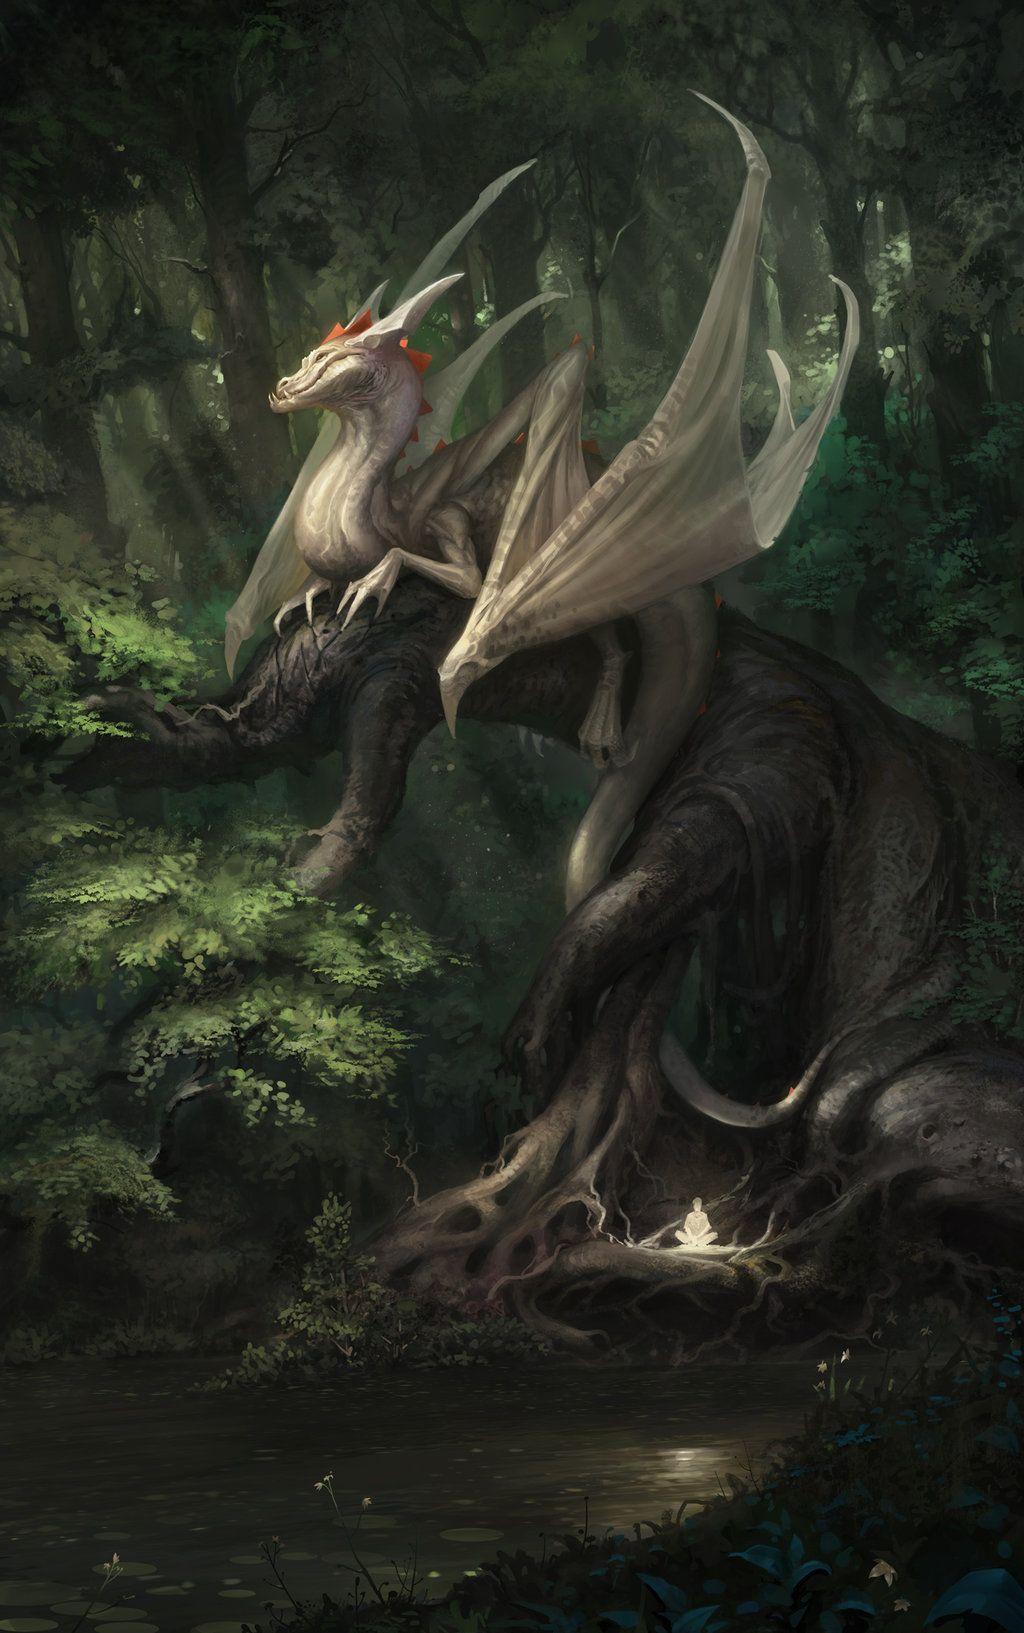 Dragon by Der-Reiko.deviantart.com on @DeviantArt